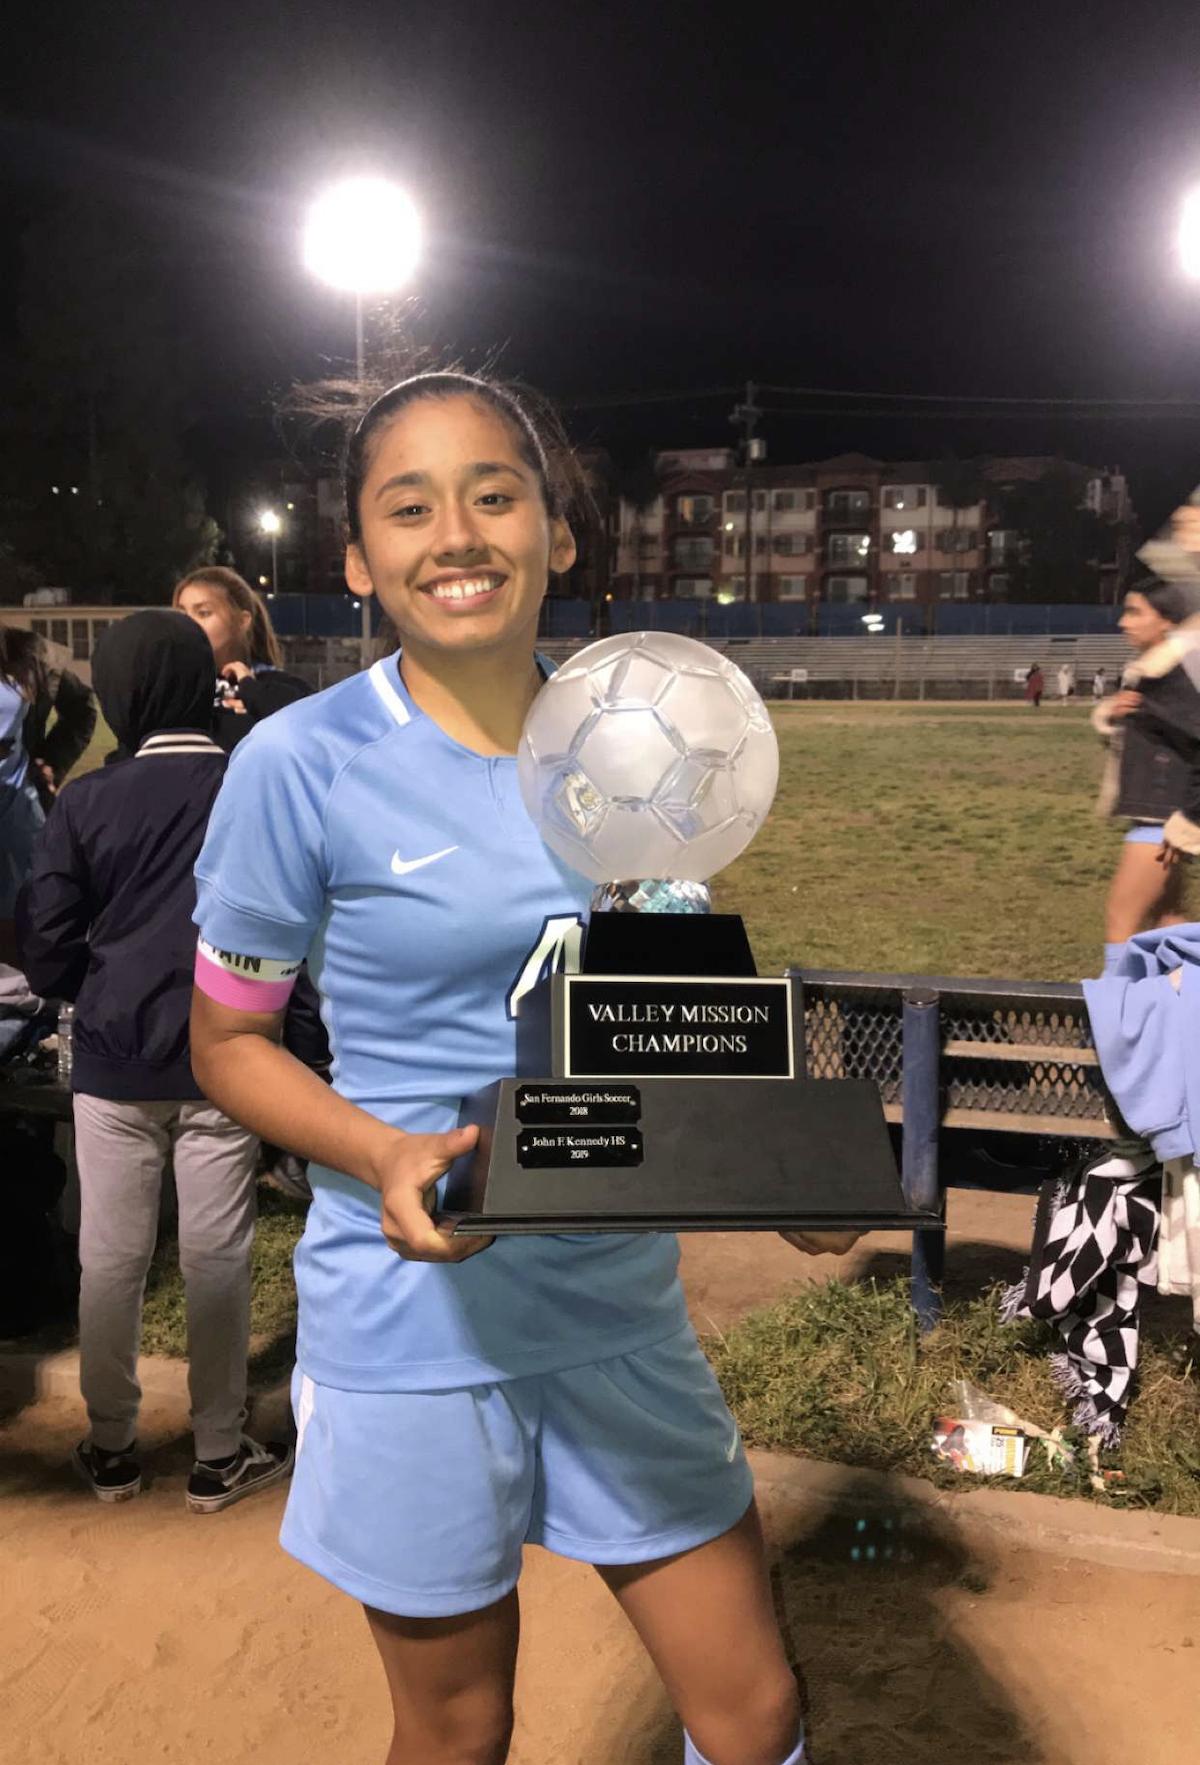 Jennifer holding up her MVP trophy